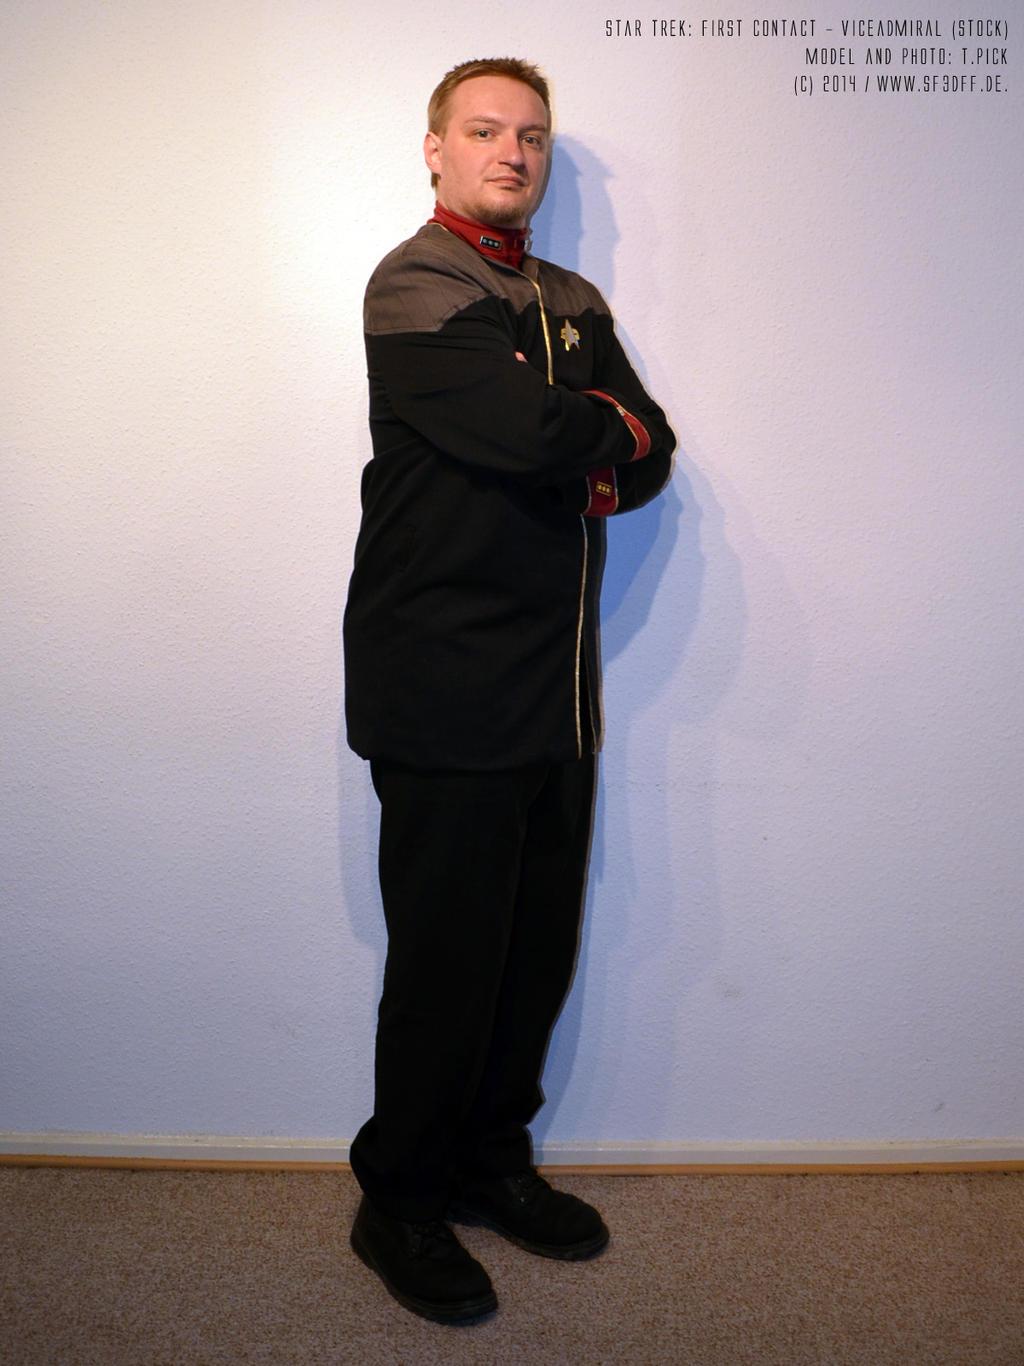 Star Trek: First Contact - Viceadmiral (STOCK) 4 by Joran-Belar